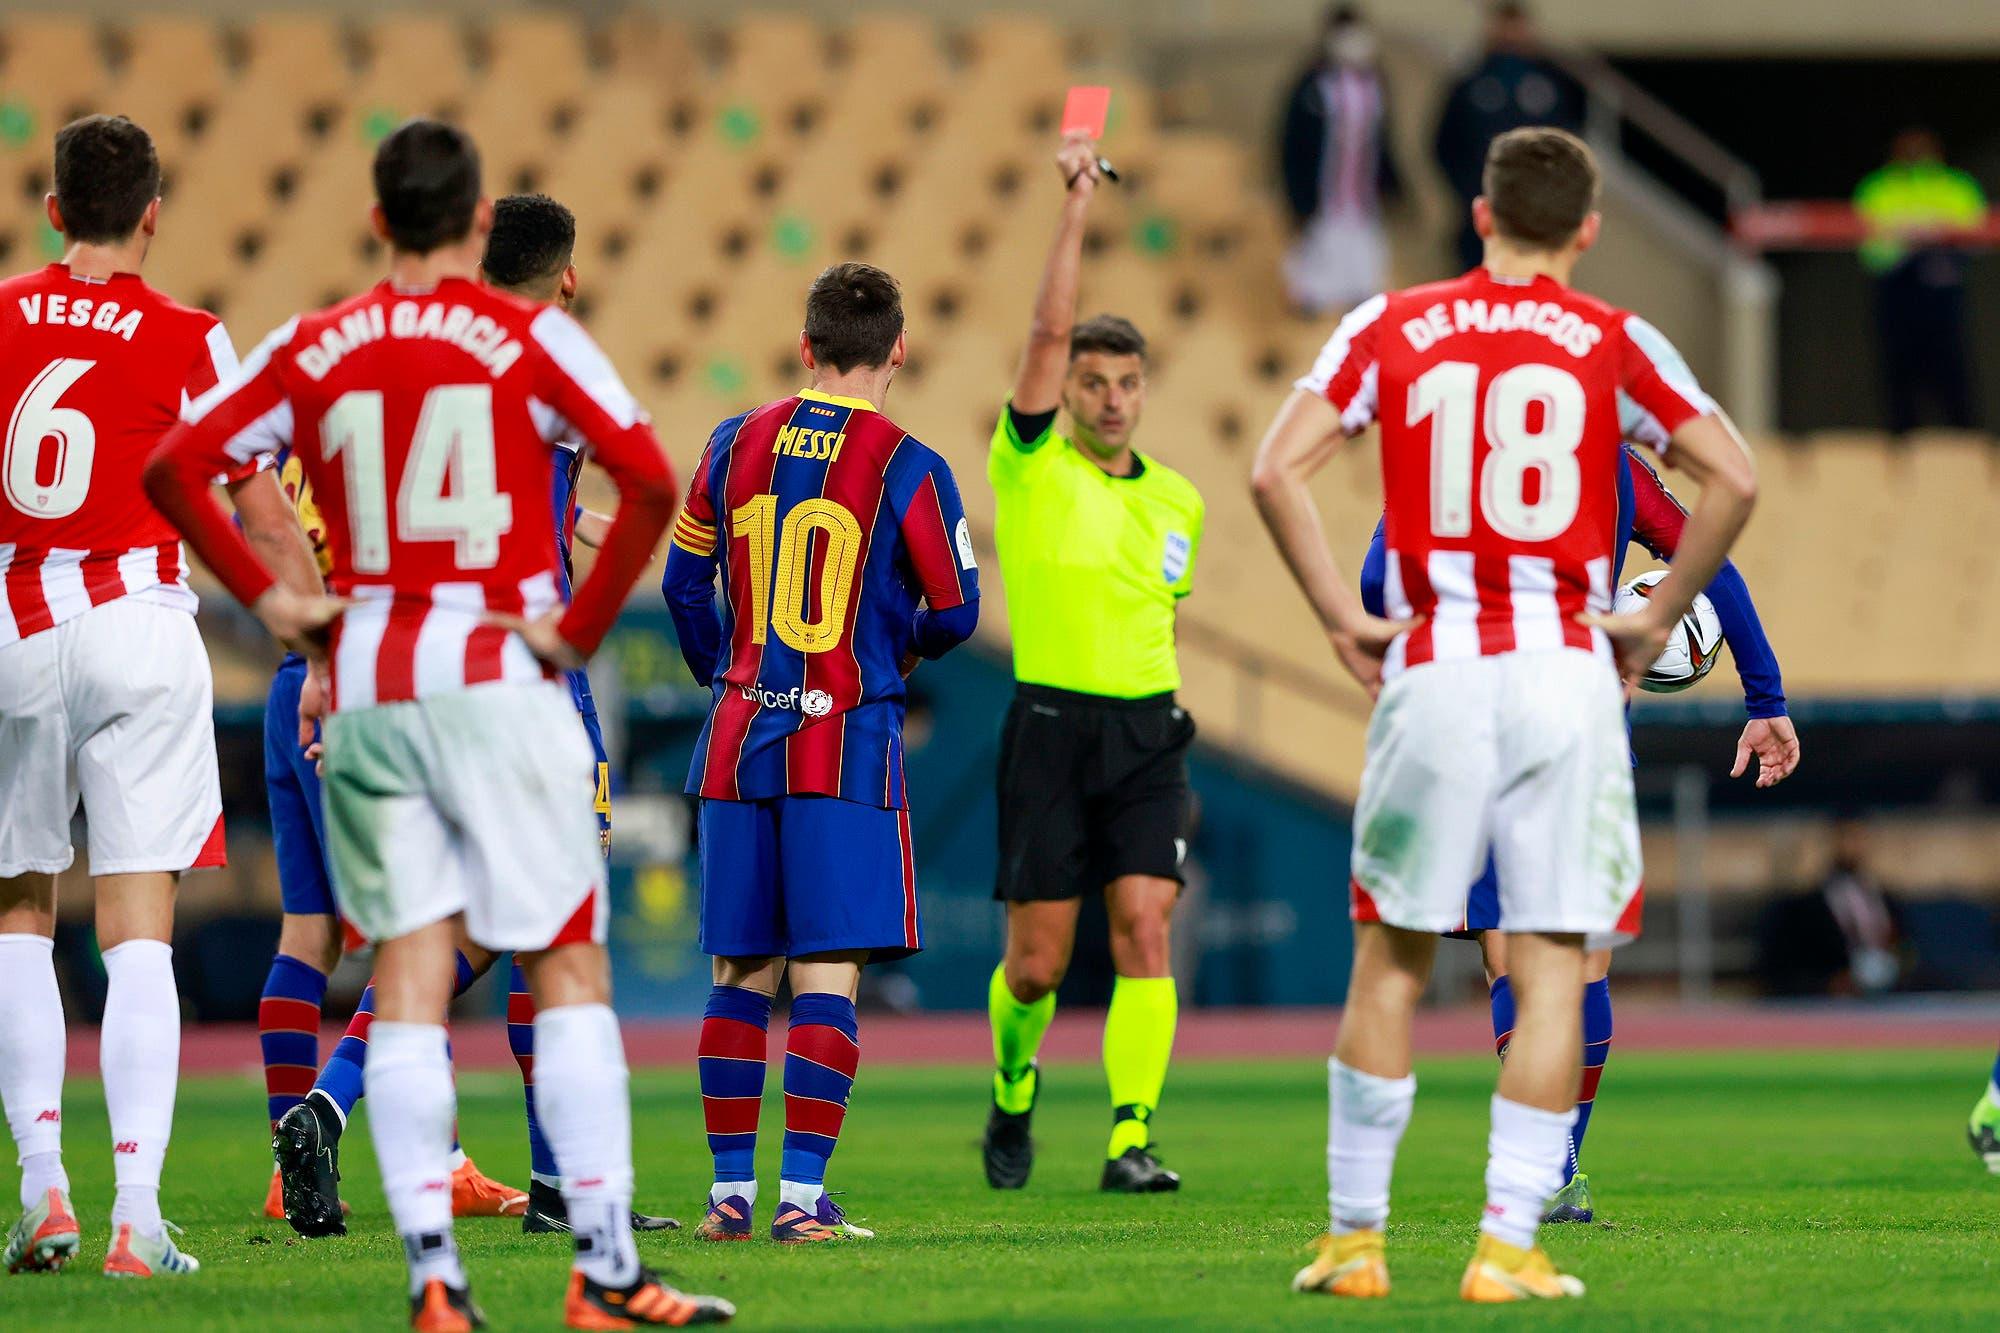 Barcelona - Athletic de Bilbao: la piña de Lionel Messi contra un rival que terminó en su primera expulsión en 753 partidos